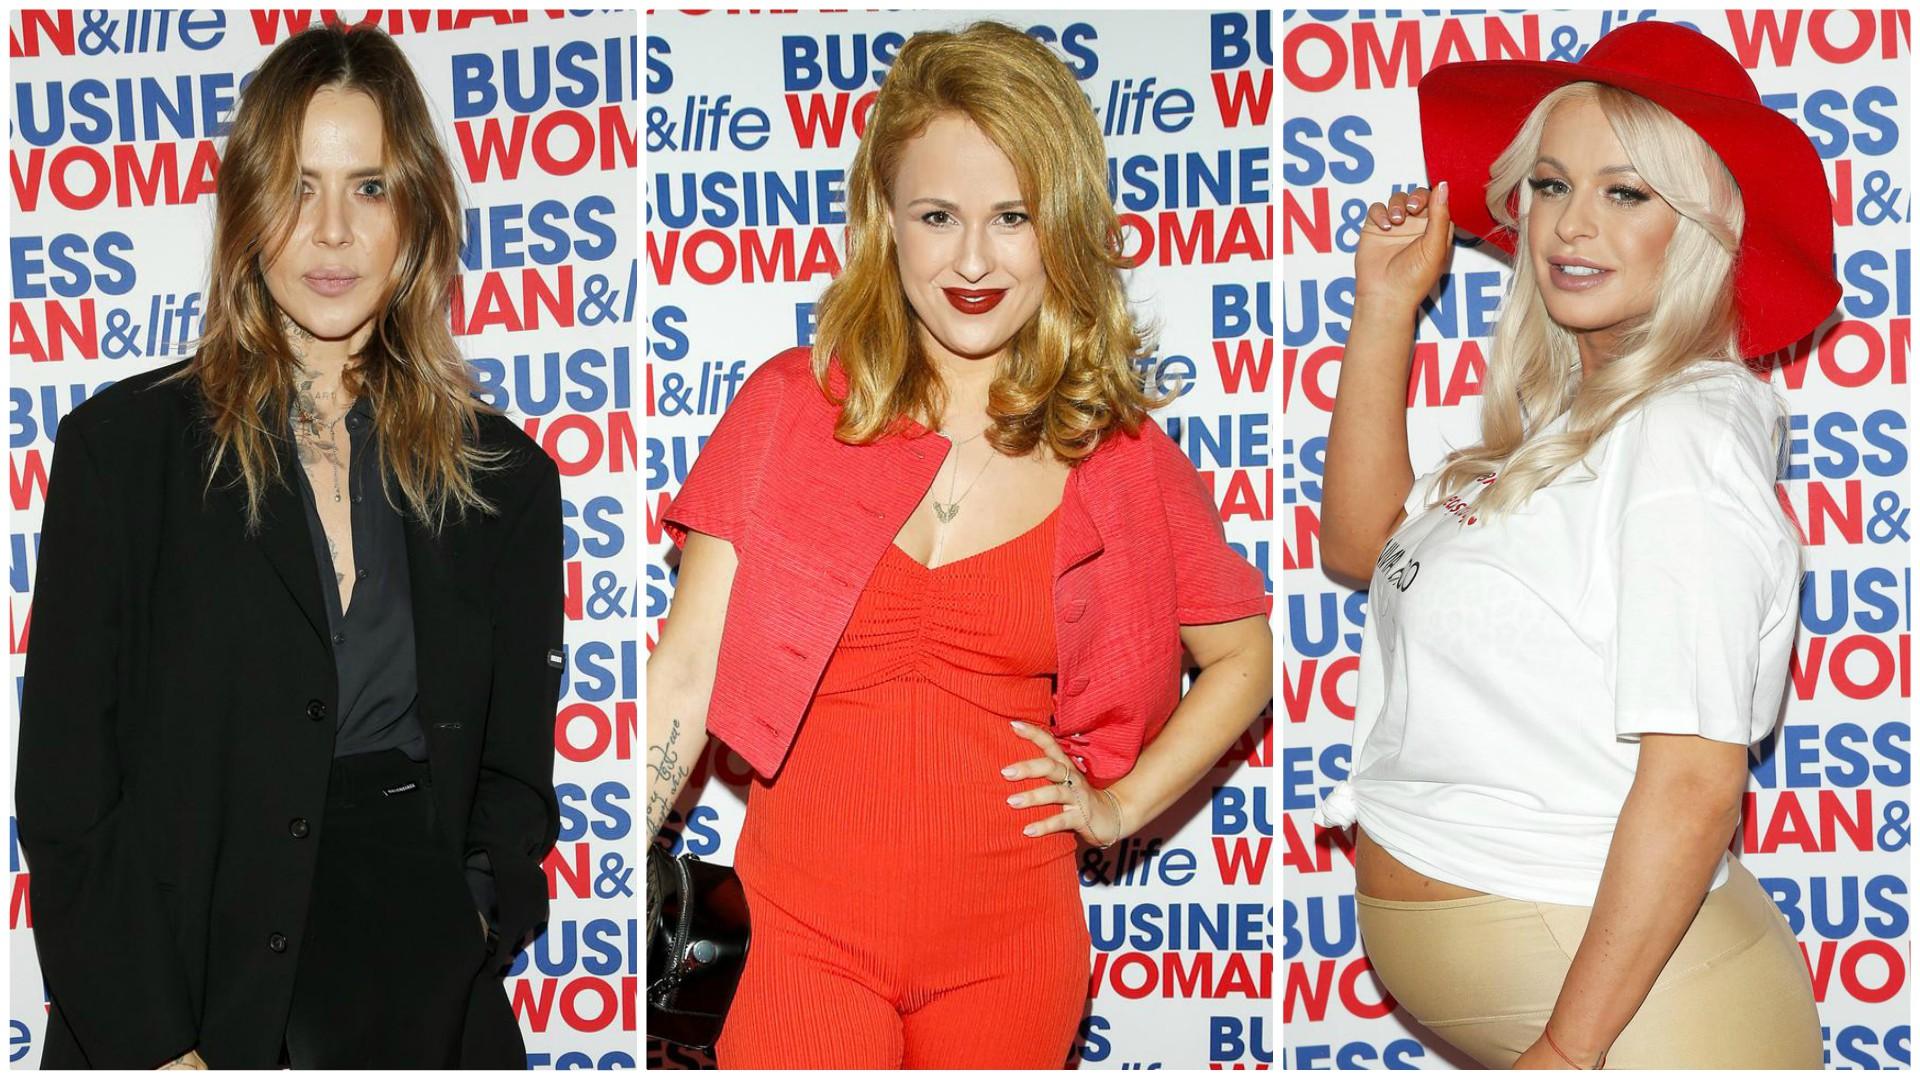 Kaja Paschalska, Paula Tumala i wiele gwiazd na gali  Businesswoman & life (ZDJĘCIA)